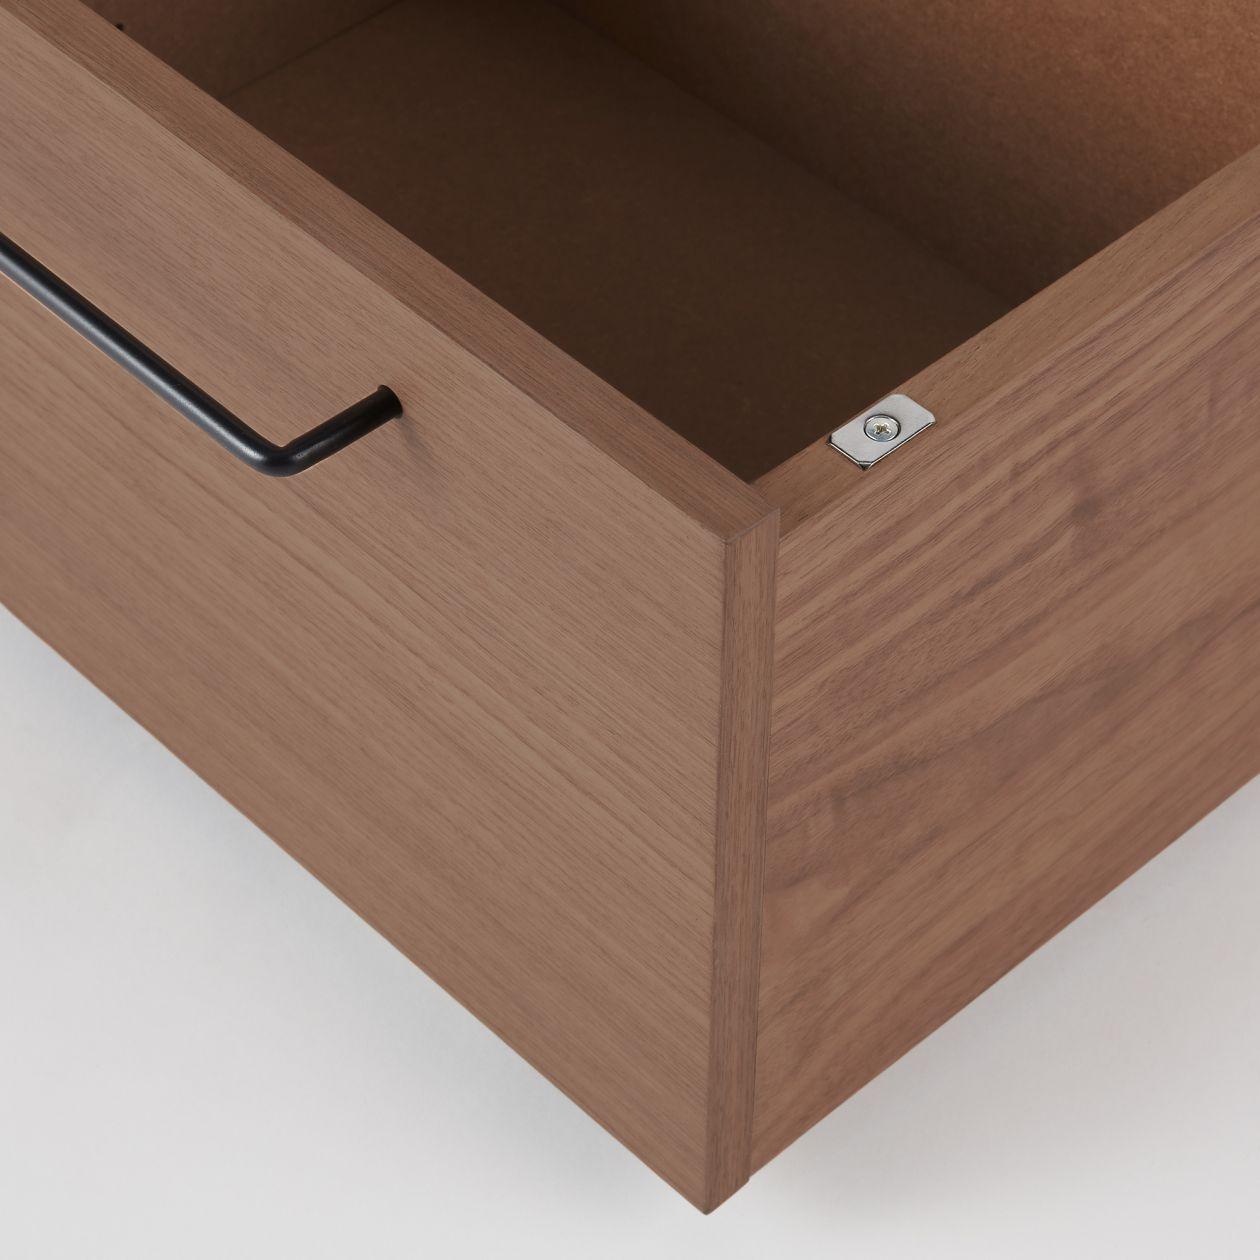 胡桃木床架用儲物地櫃 - 小   無印良品 MUJI